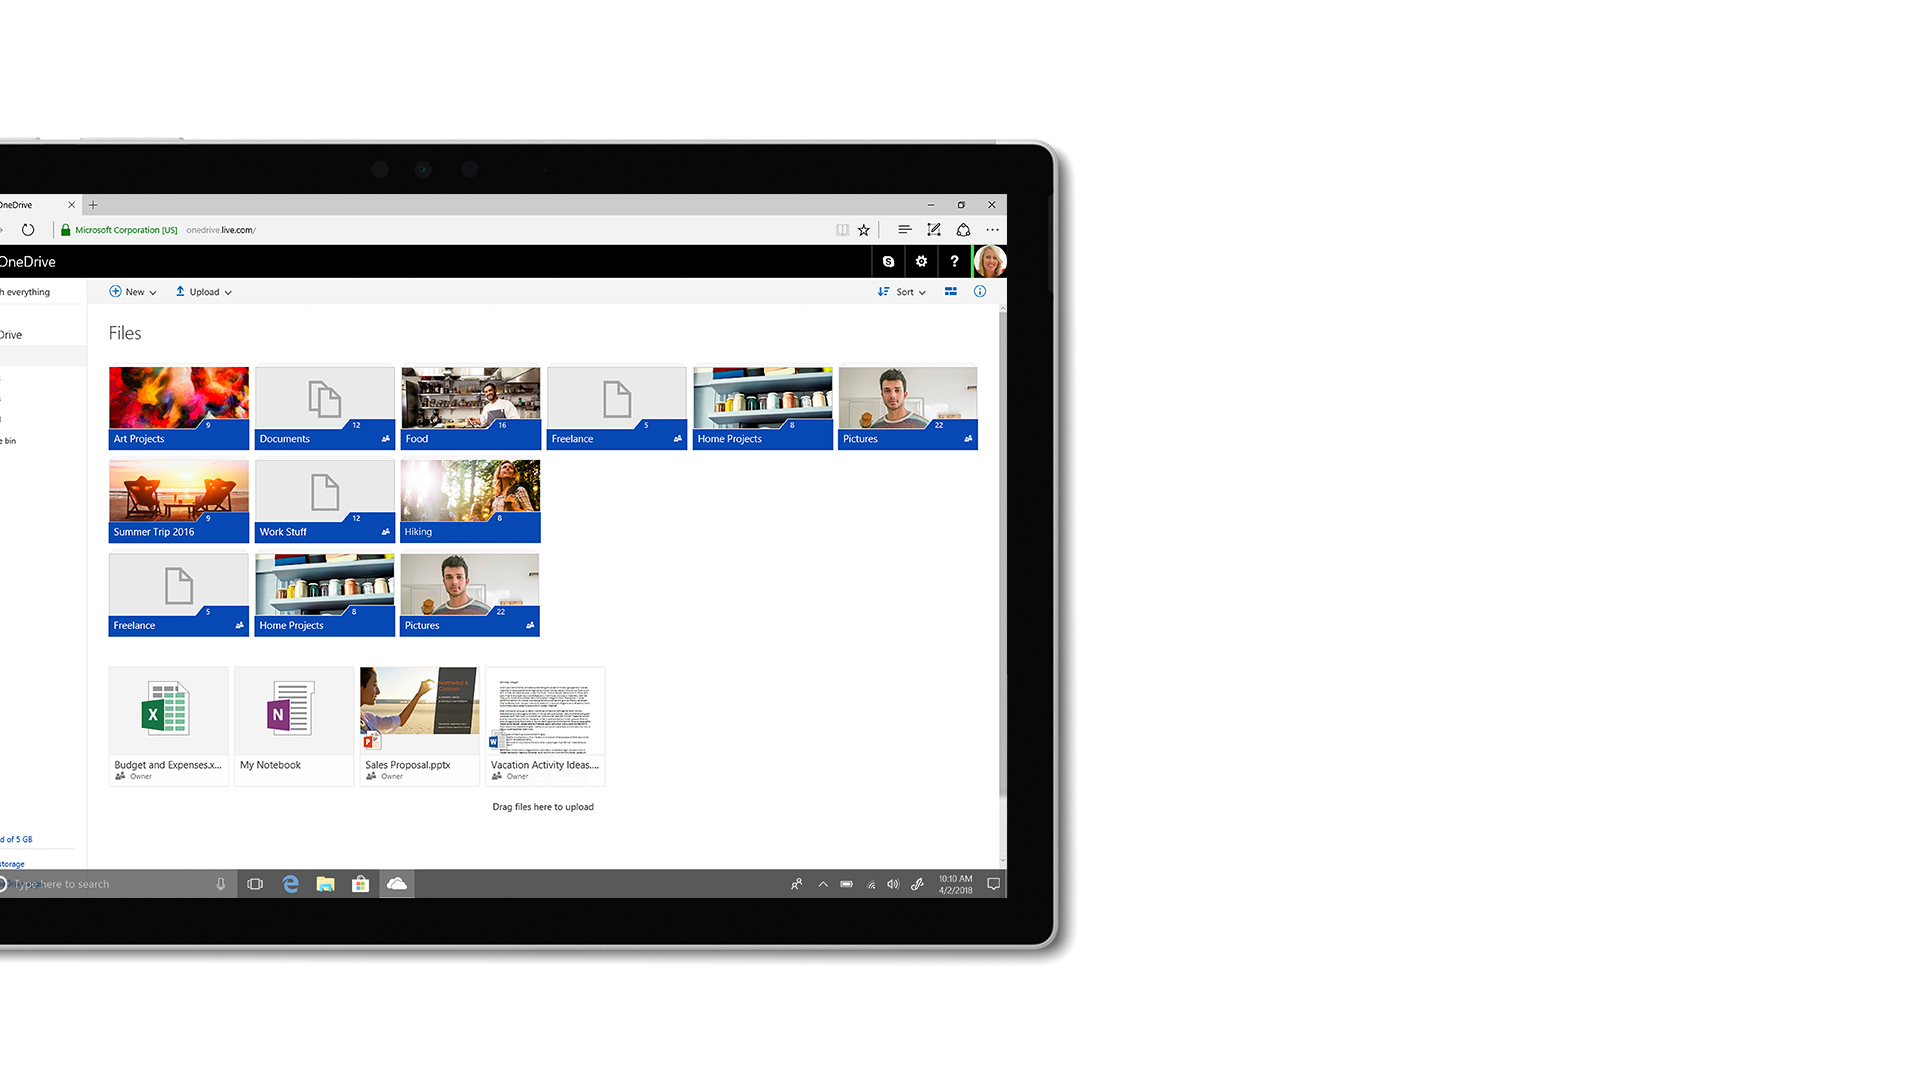 Afbeelding van gebruikersinterface van Microsoft OneDrive